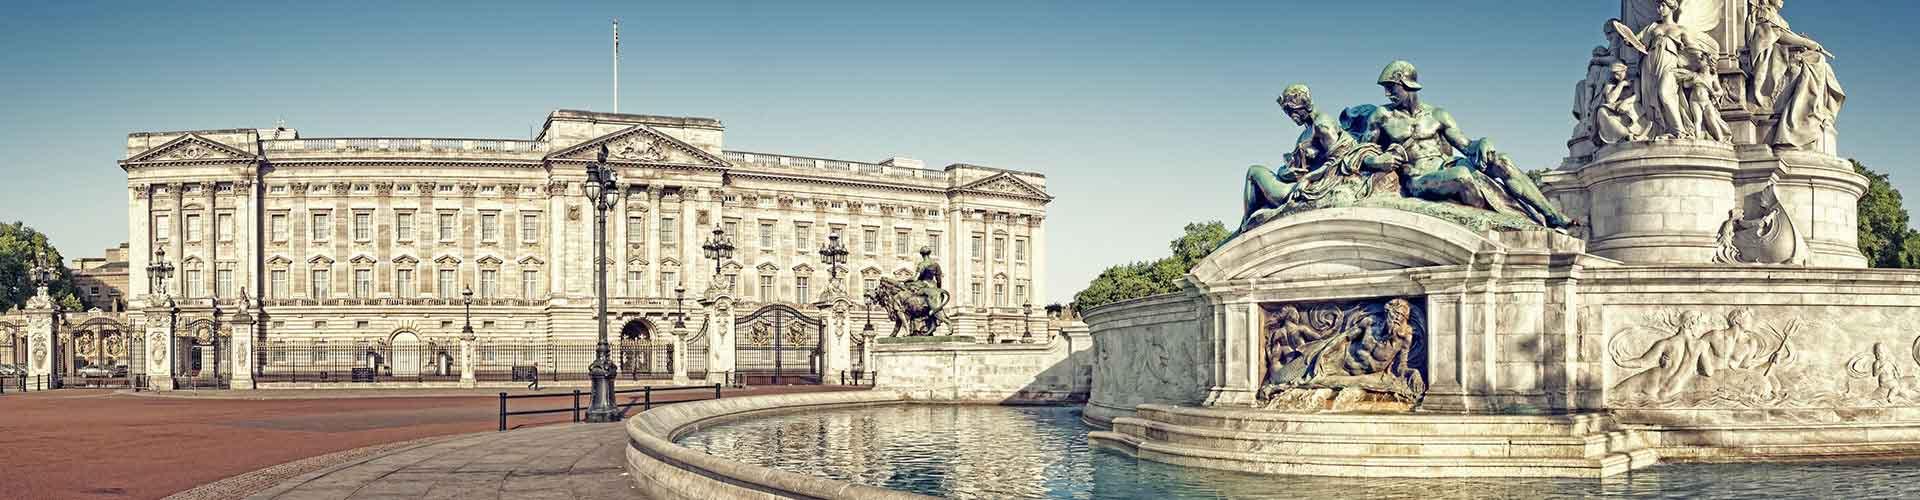 伦敦 – 白金汉宫 附近的青年旅舍。伦敦地图,伦敦 所有青年旅馆的照片和评分。